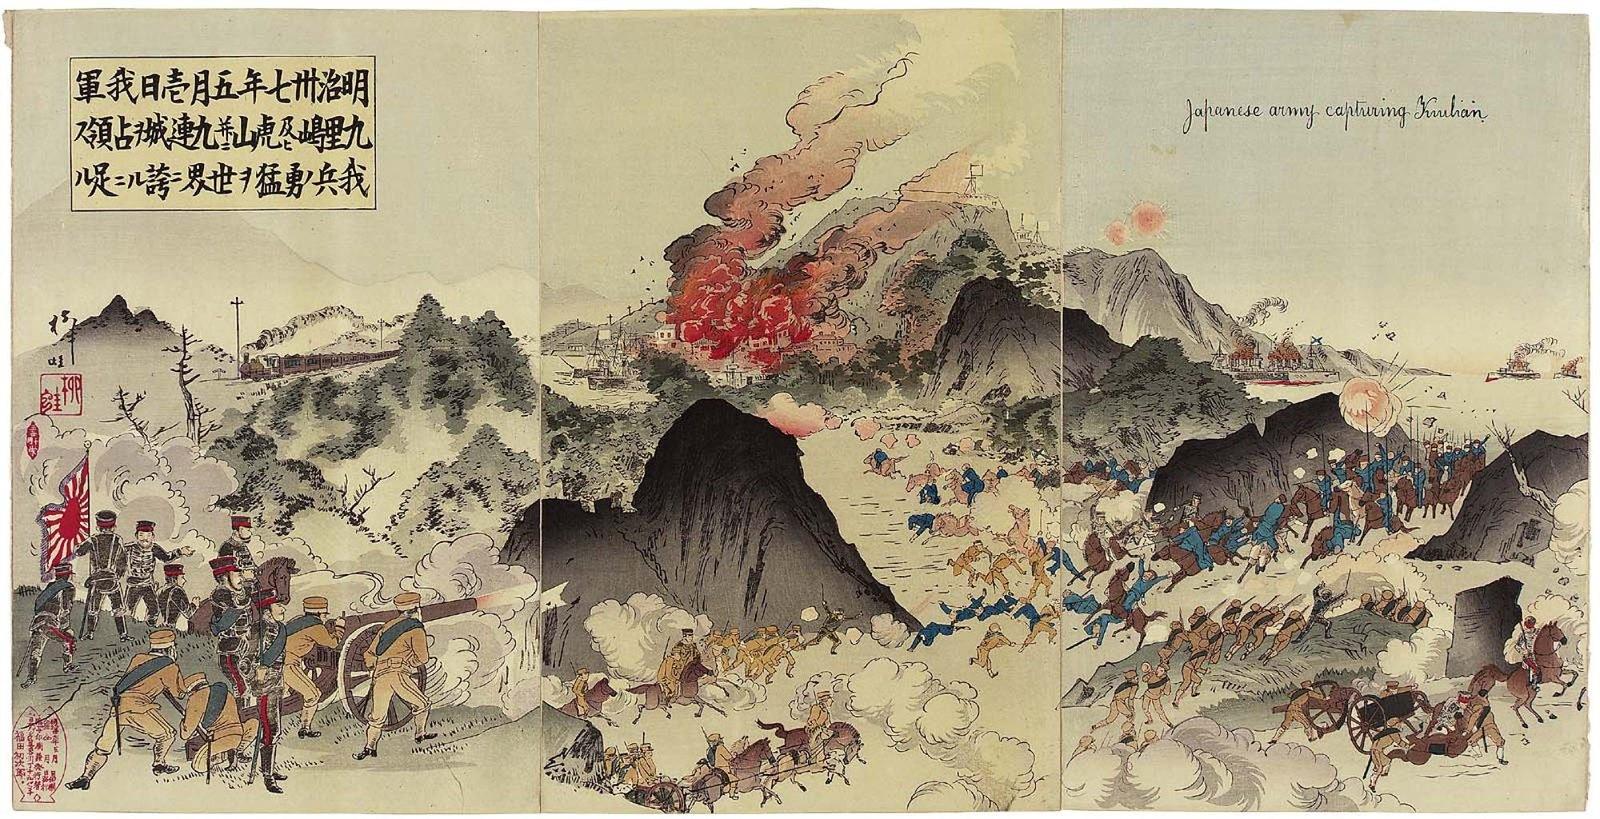 1904. Наша армия оккупировала Хушань и Цзюляньчэн. Стоит похвастаться перед миром о храбрости наших солдат.